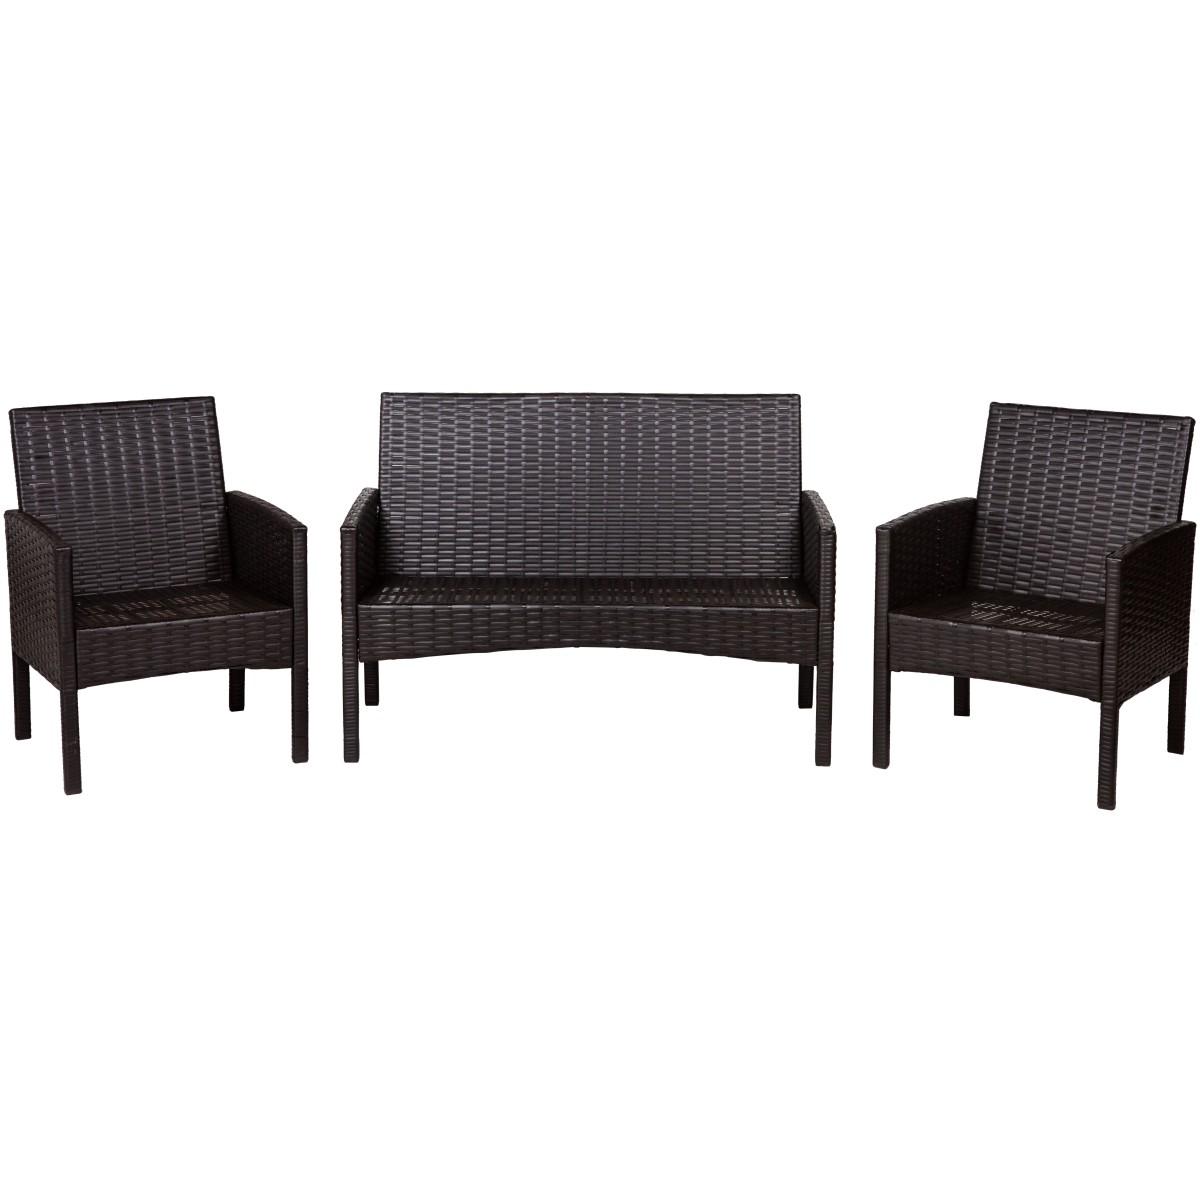 Набор садовой мебели Кения Лайт полиротанг коричневый диван и 2 кресла